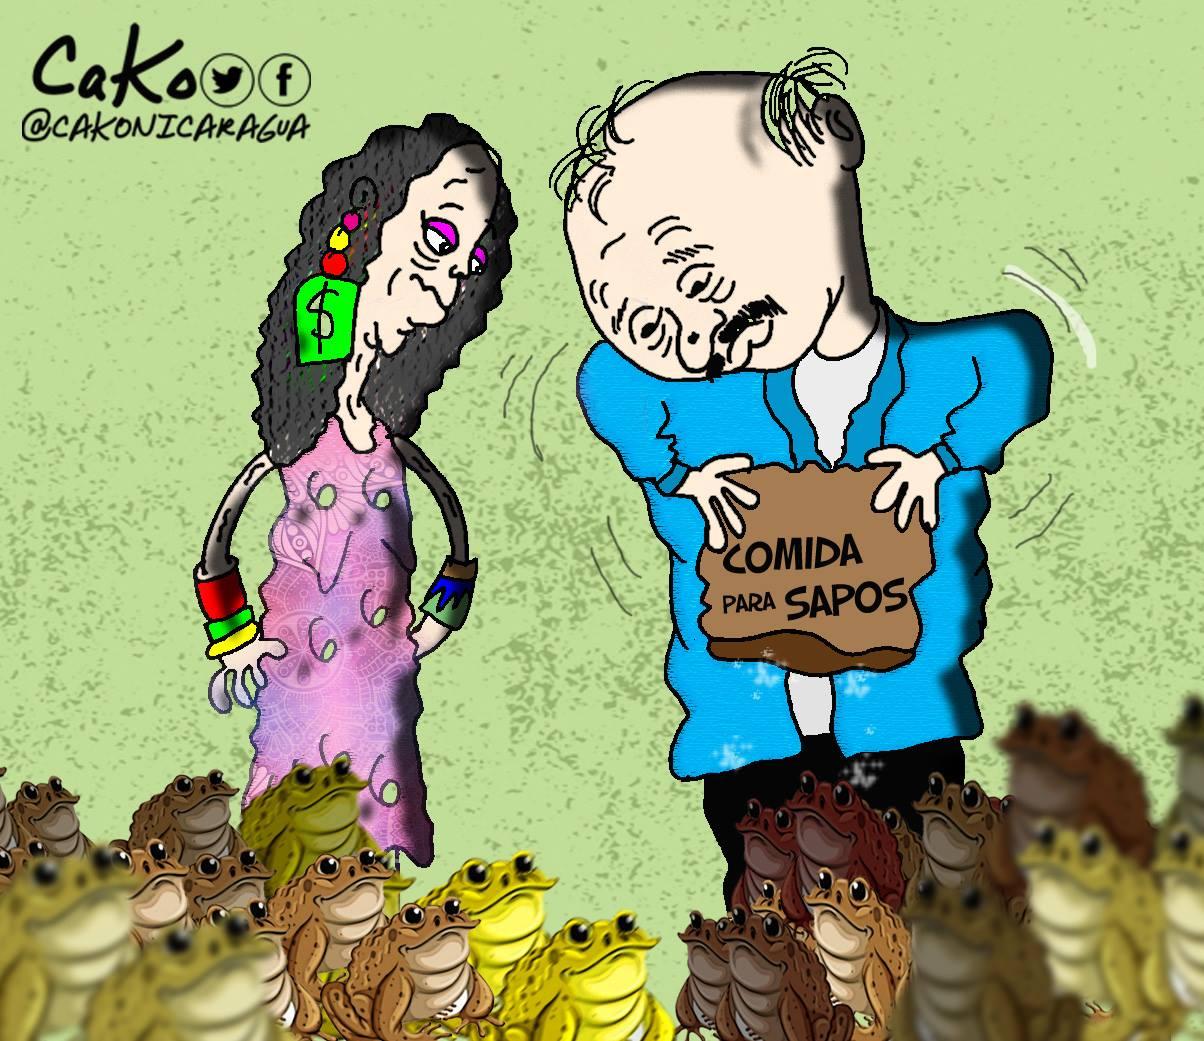 """La Caricatura: Ya """"nuay"""" comida para los sapos. CaKo/Artículo66"""